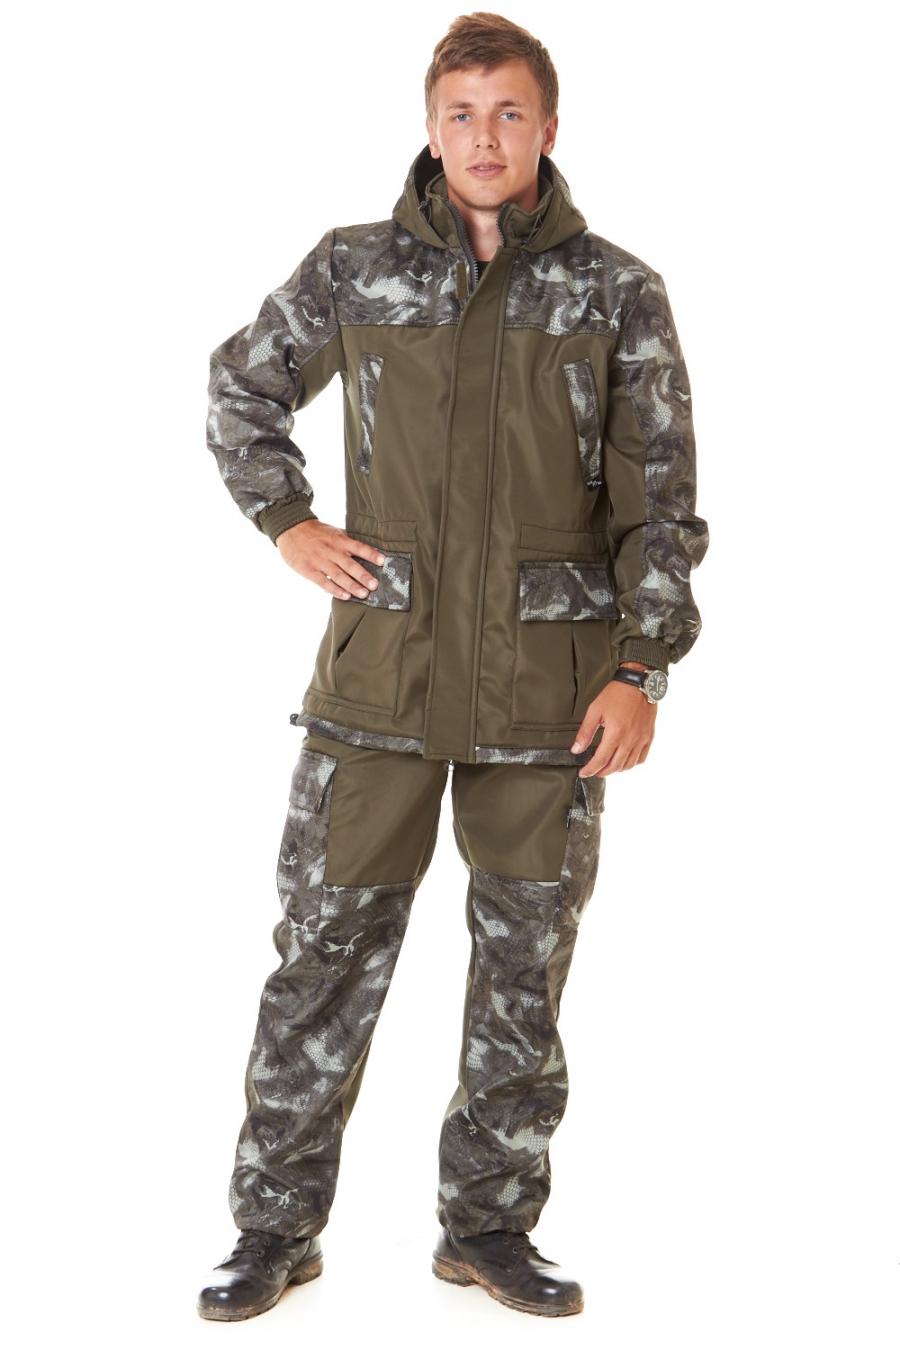 Костюм для охоты и рыбалки Форестер демисезонныйОдежда для охоты и рыбалки<br><br><br>Размер: 54